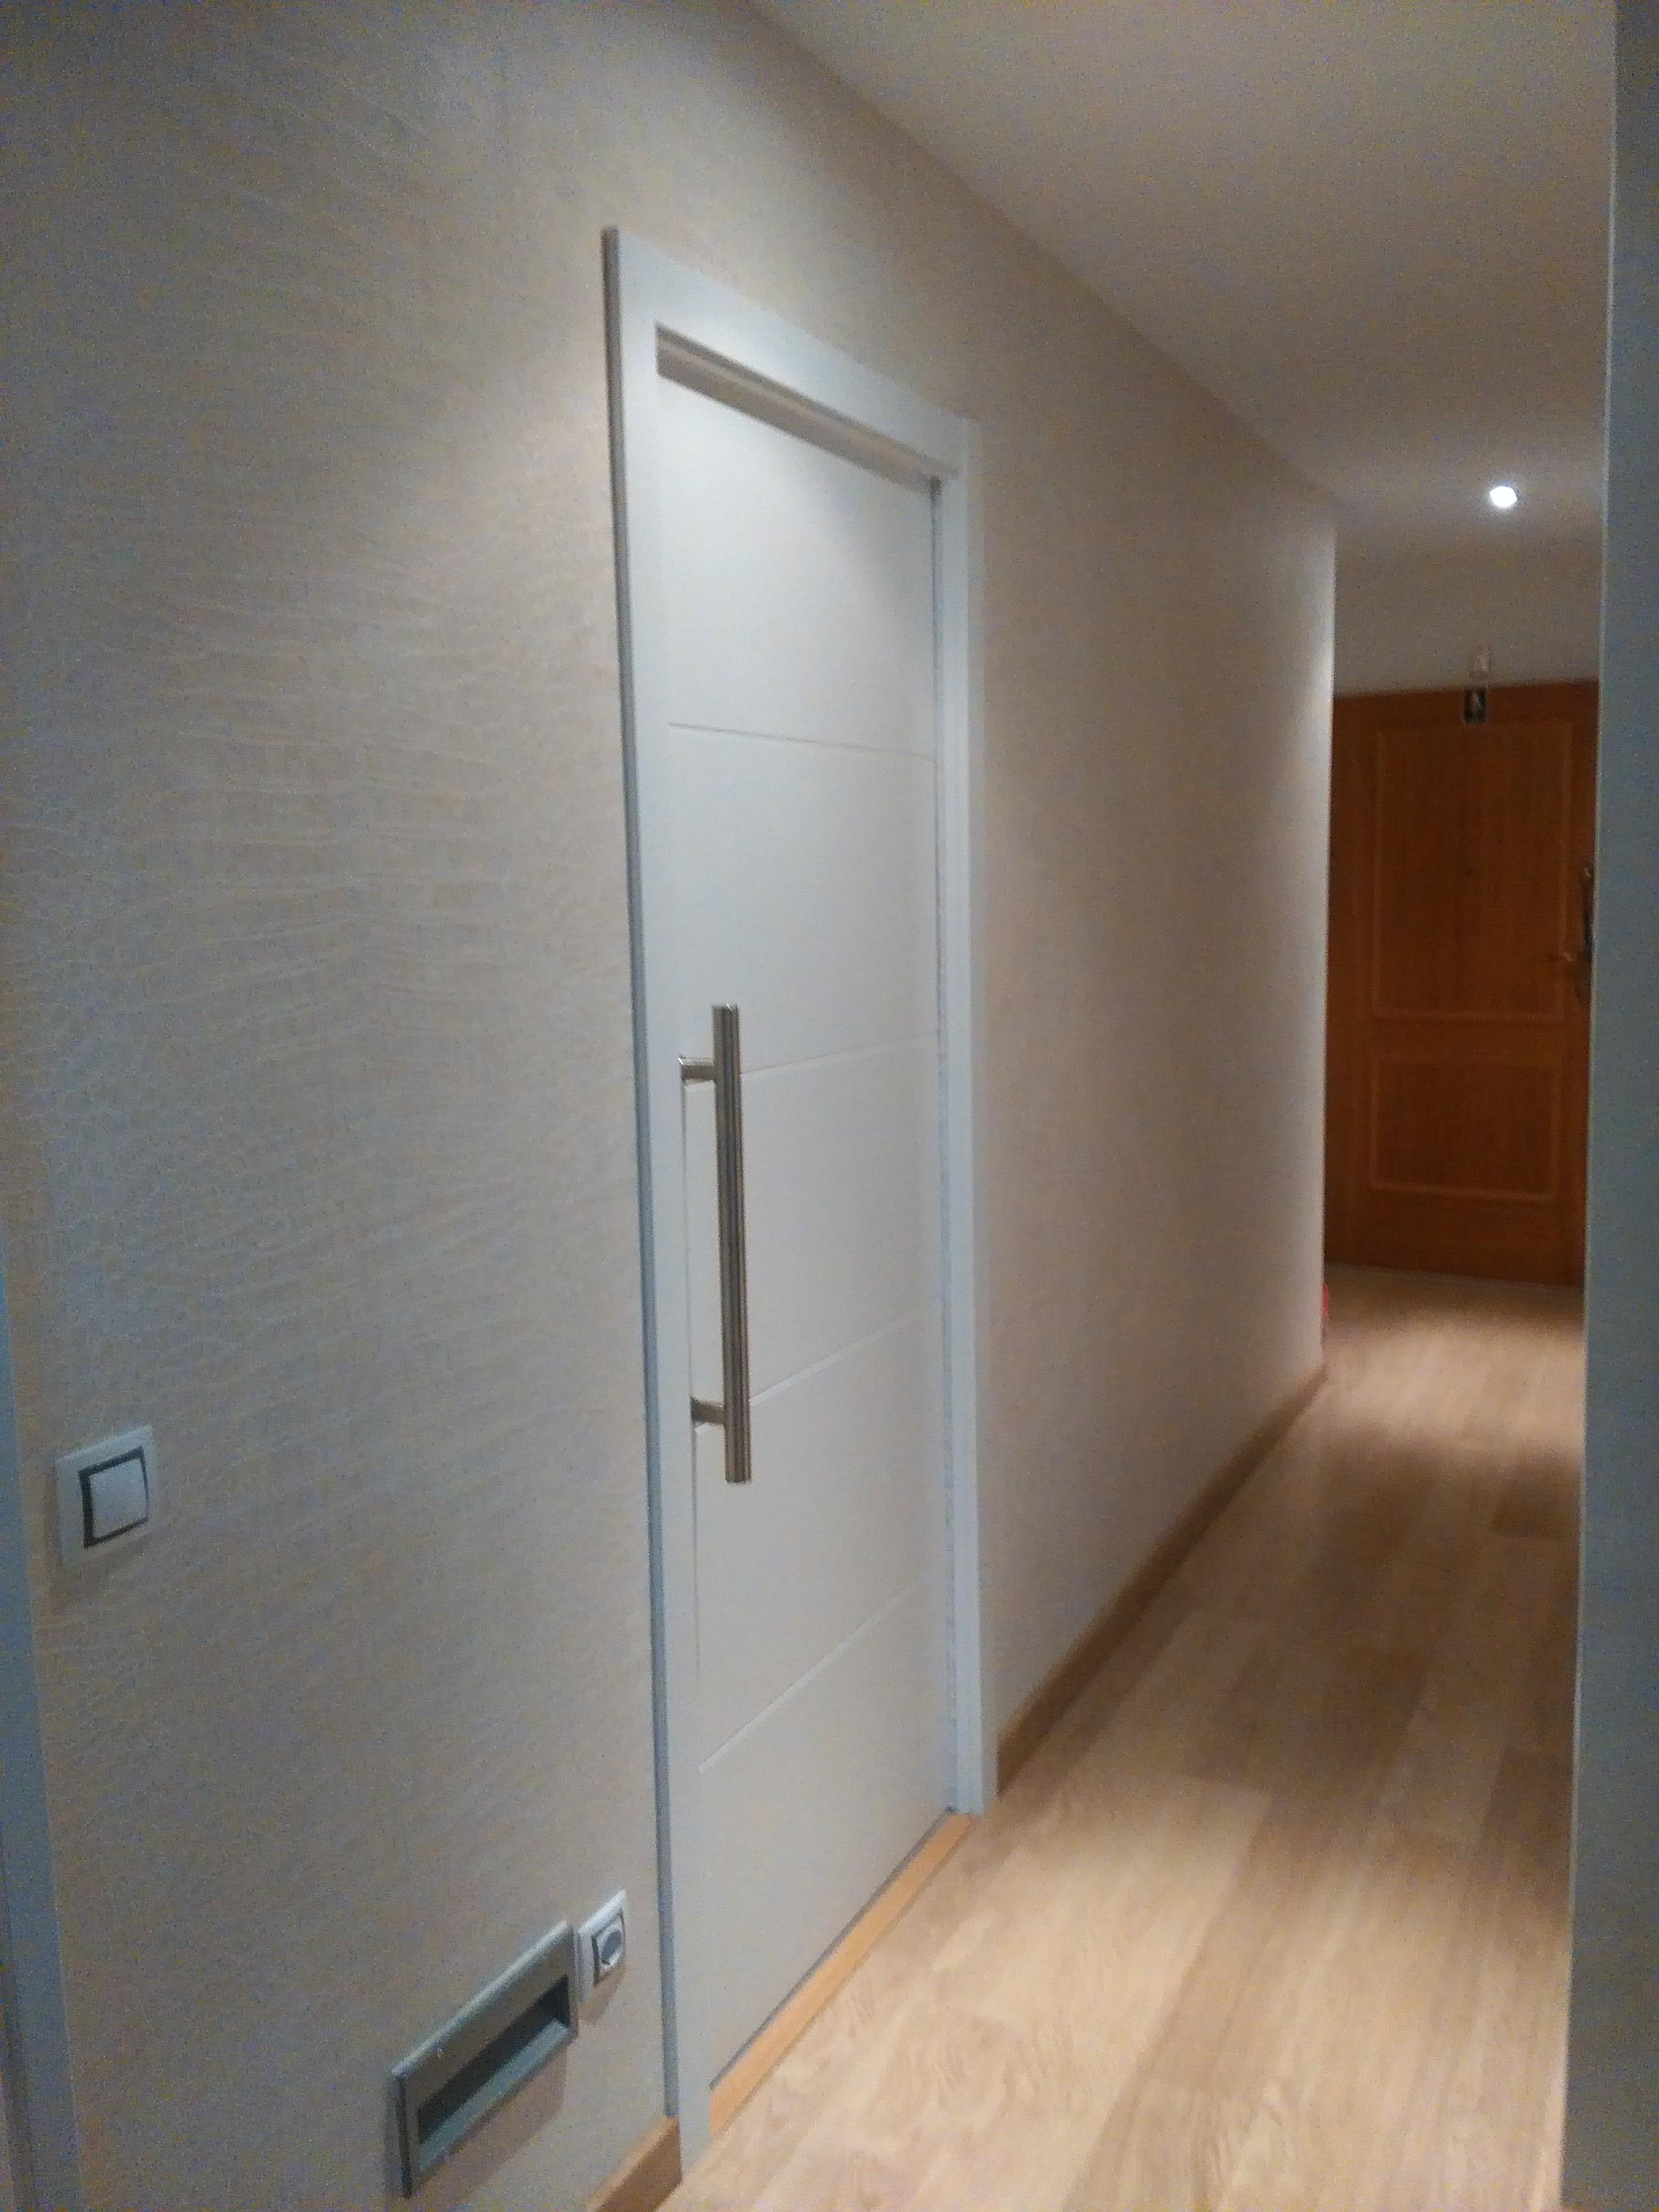 Puertas pintura papel pintado y ampliaci n cocina en chalet de paracuellos de jarama refor go - Papel pintado para puertas ...